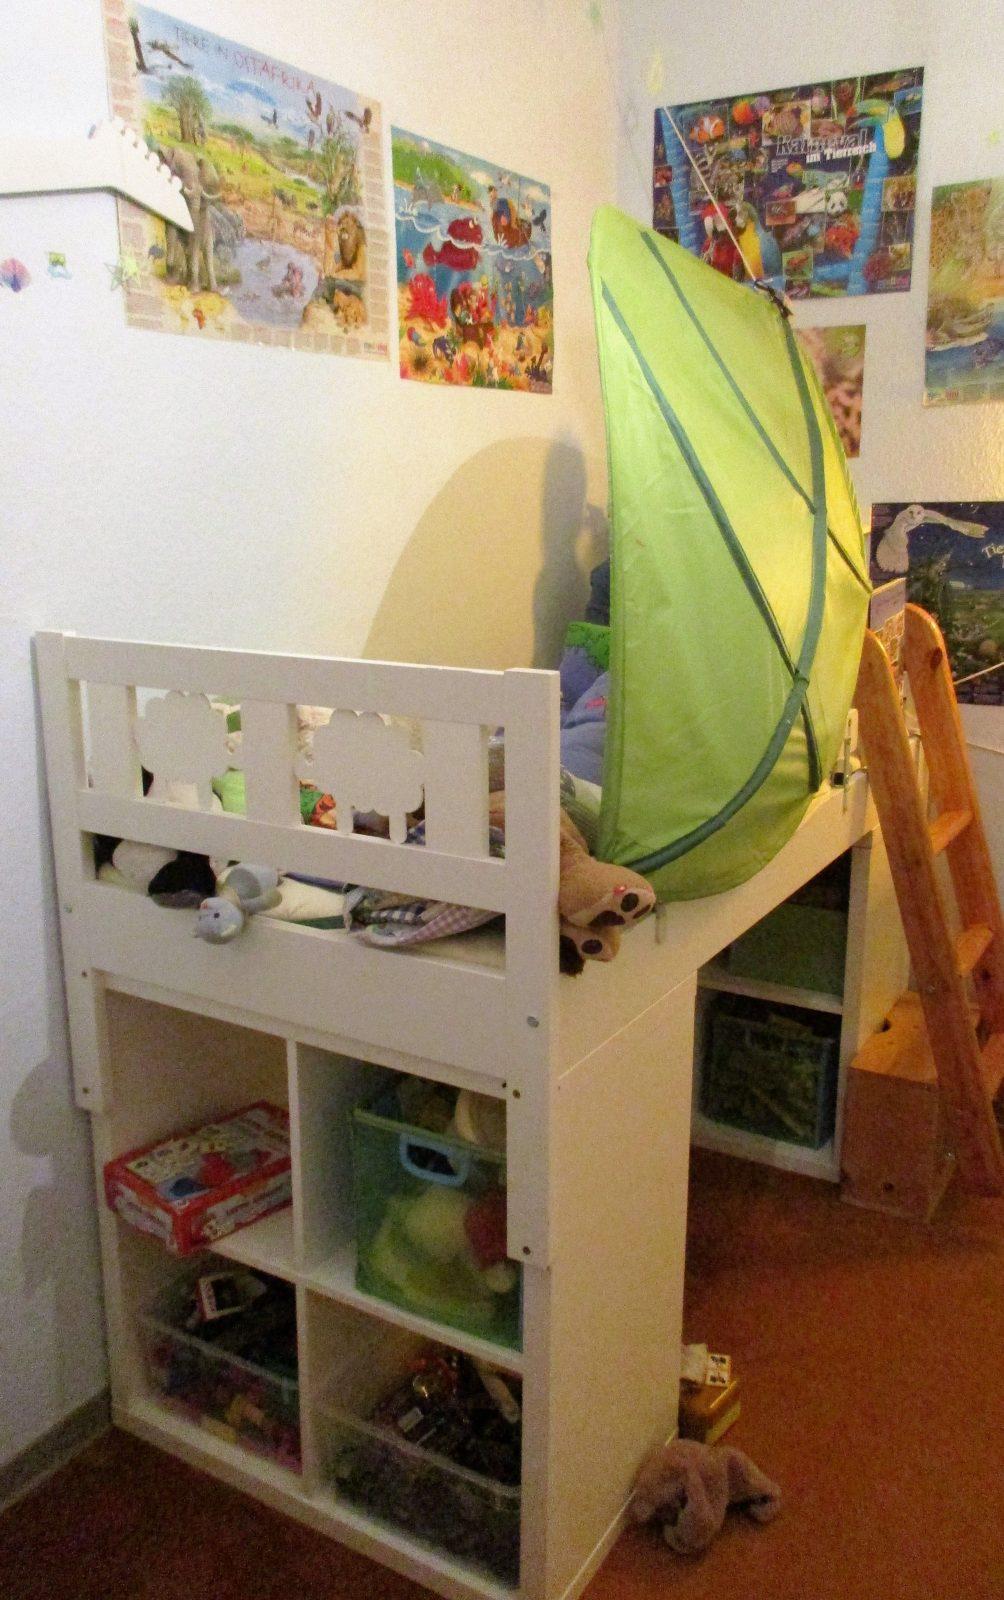 Hochbett Selber Bauen 2X Kallax Regal Von Ikea Unter Das Bett von Hochbett Für Kinder Selber Bauen Bild